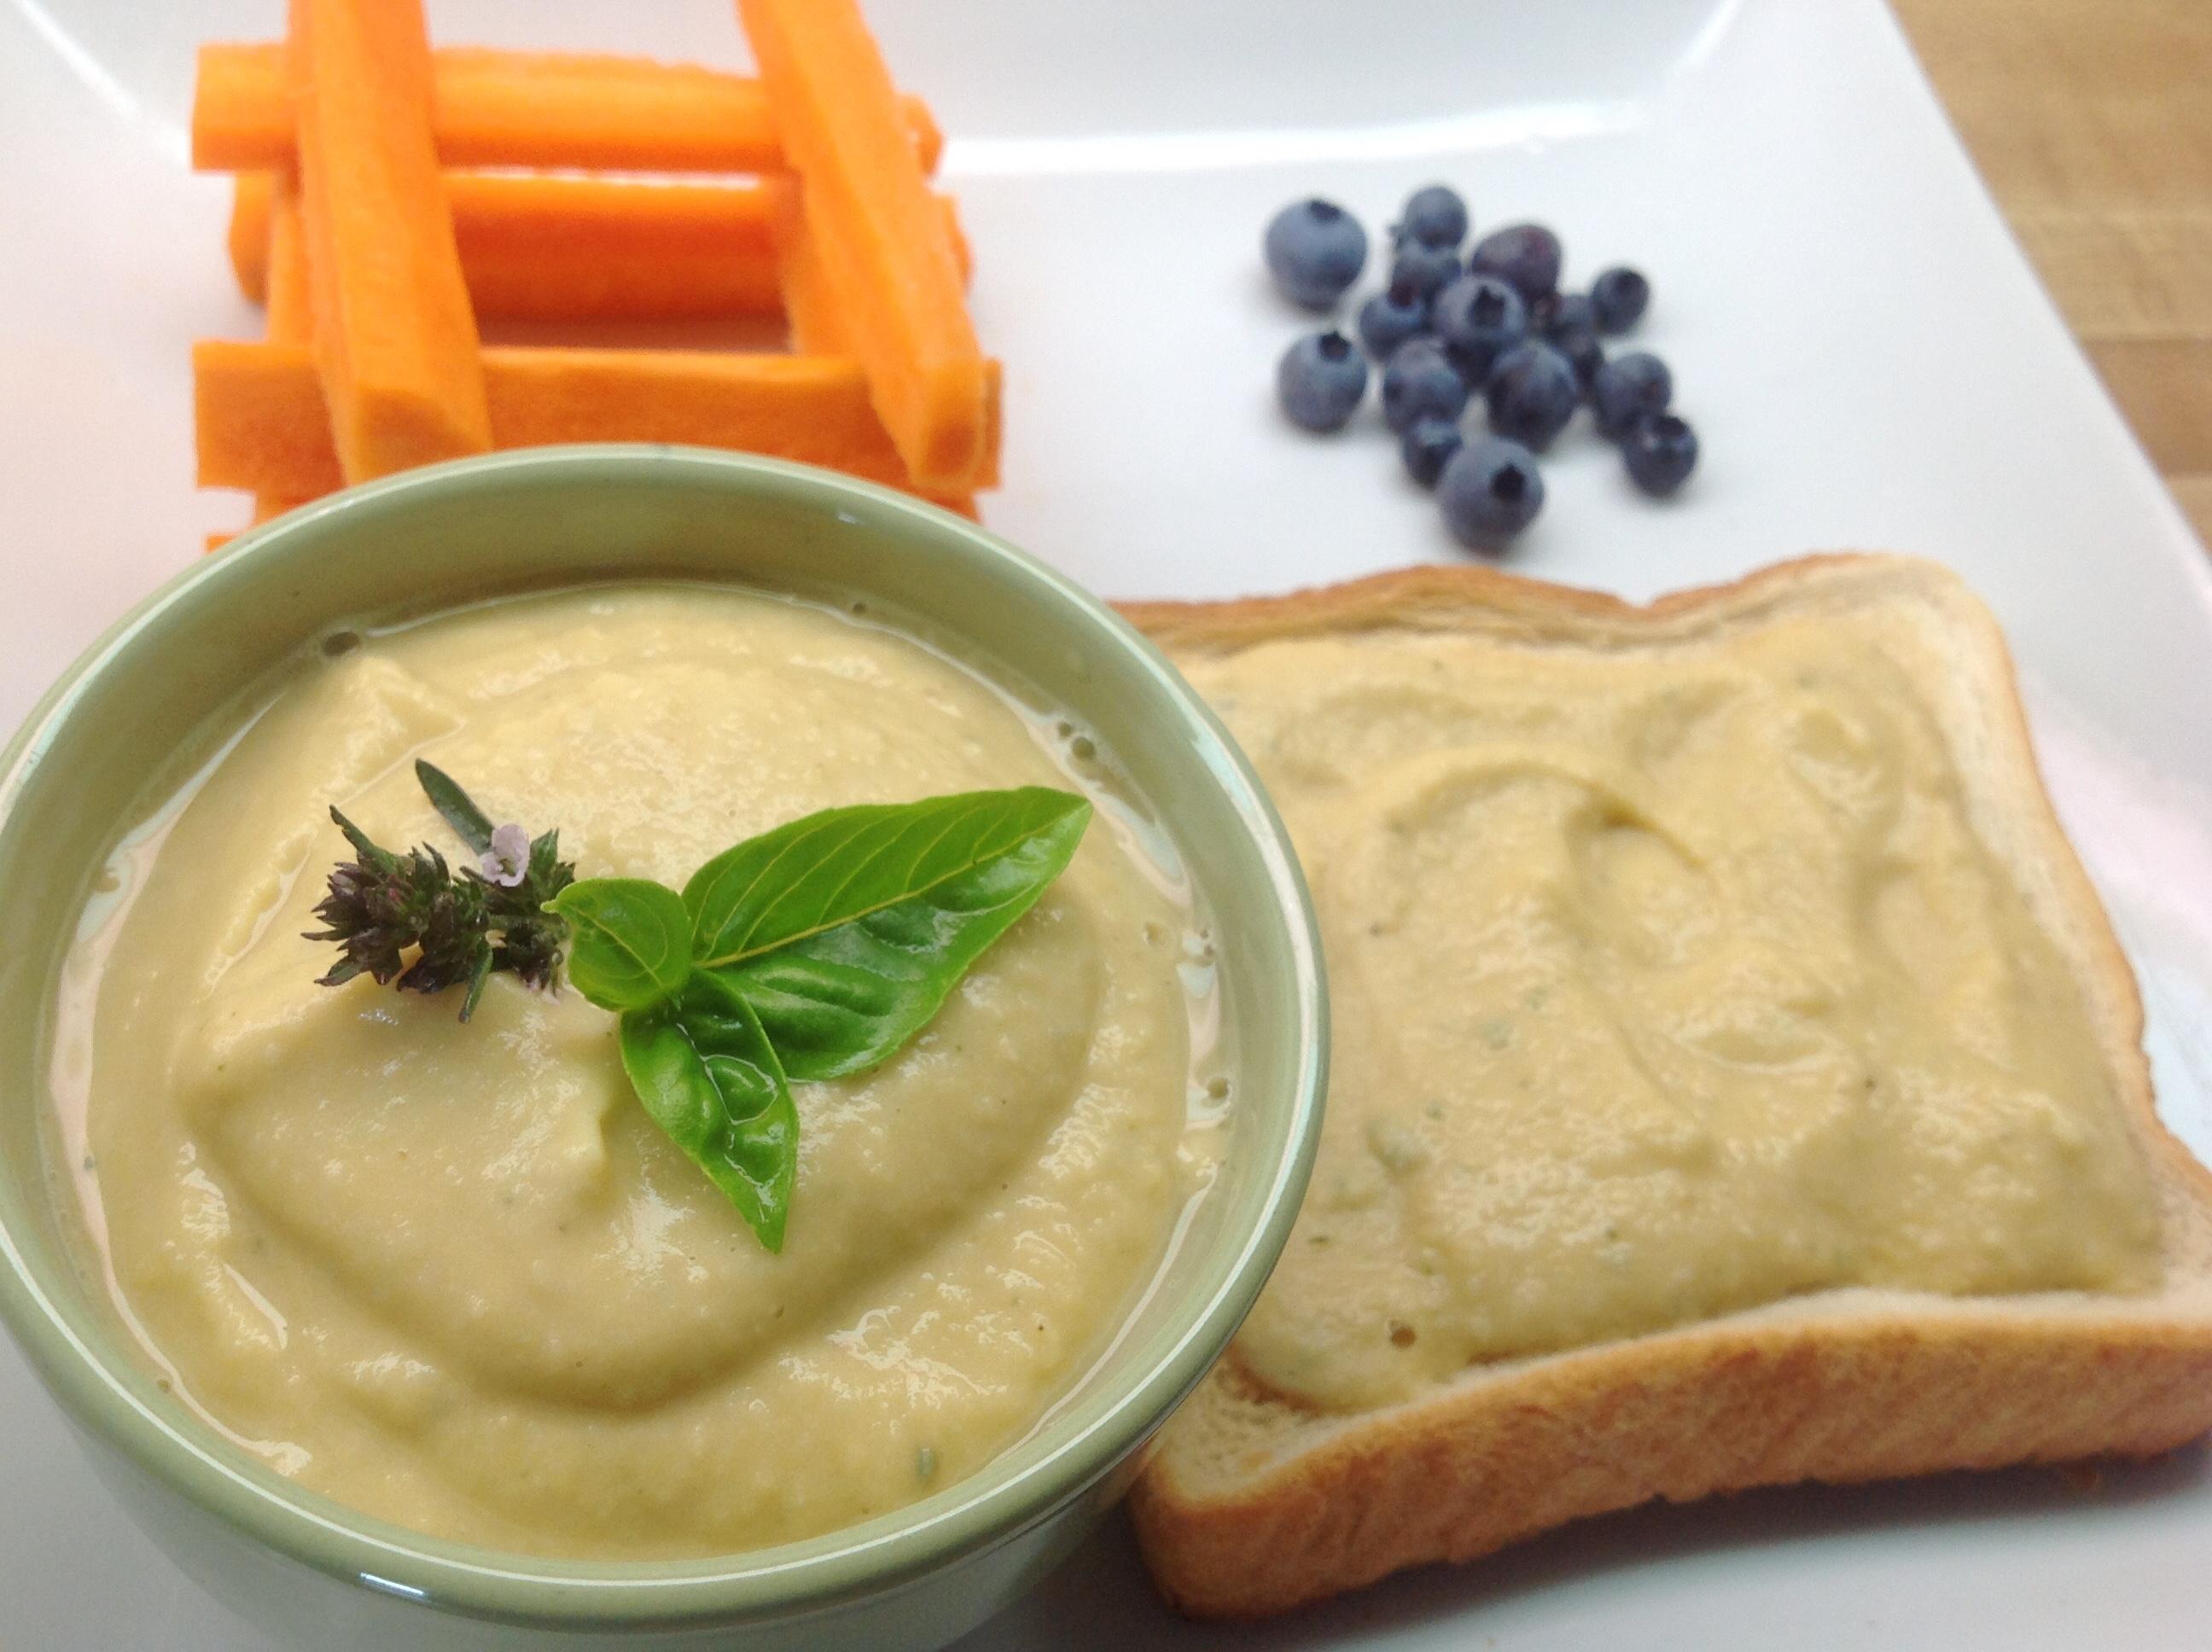 recette hummus humus houmous maison ail fines herbes trempette de pois chiches simple divine végane végétalienne hypo-allergique végétarienne